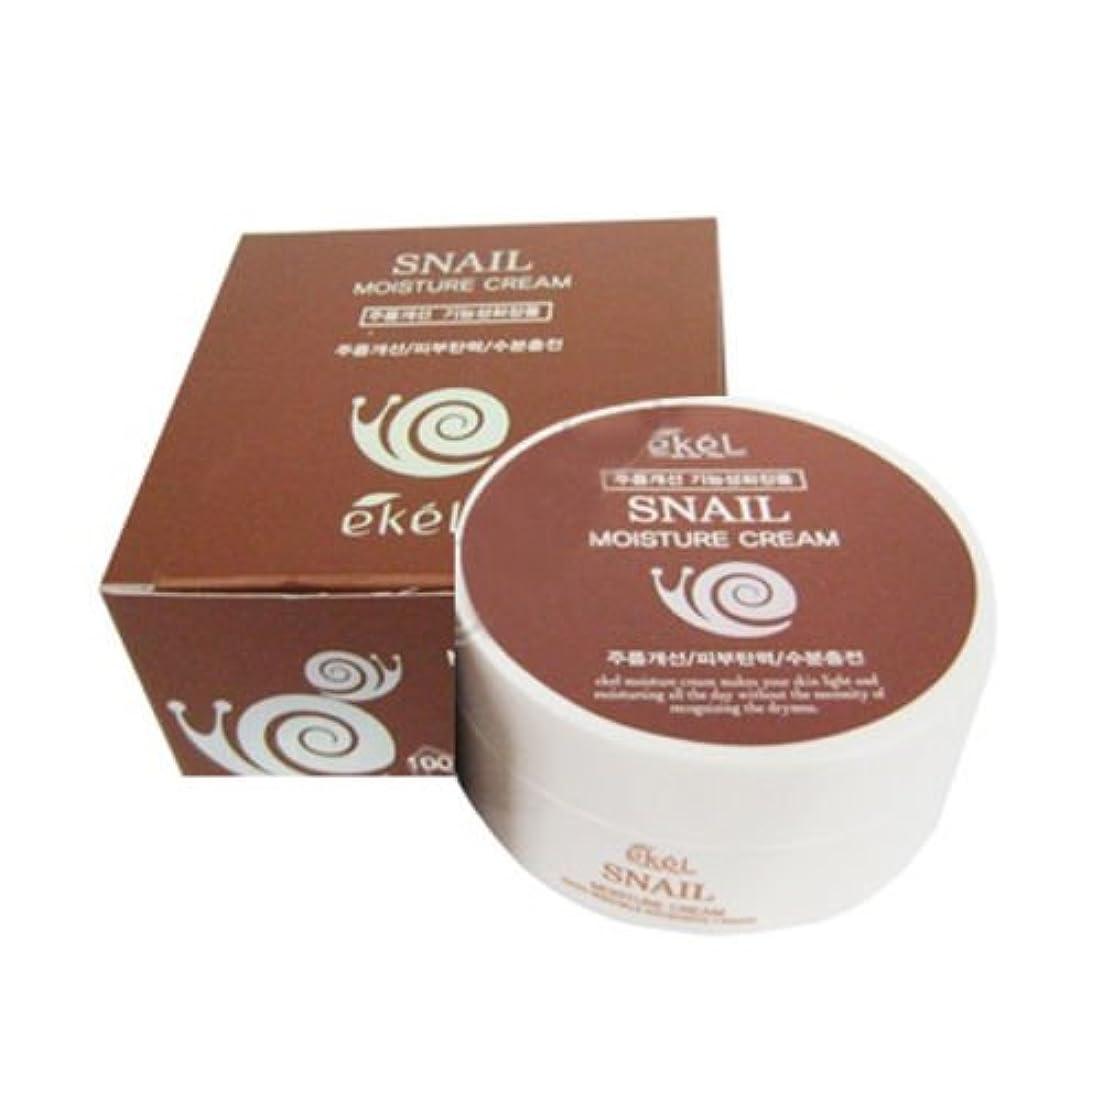 動機こねるファウルイケル[韓国コスメEkel]Snail Moisture Cream カタツムリモイスチャークリーム100g [並行輸入品]